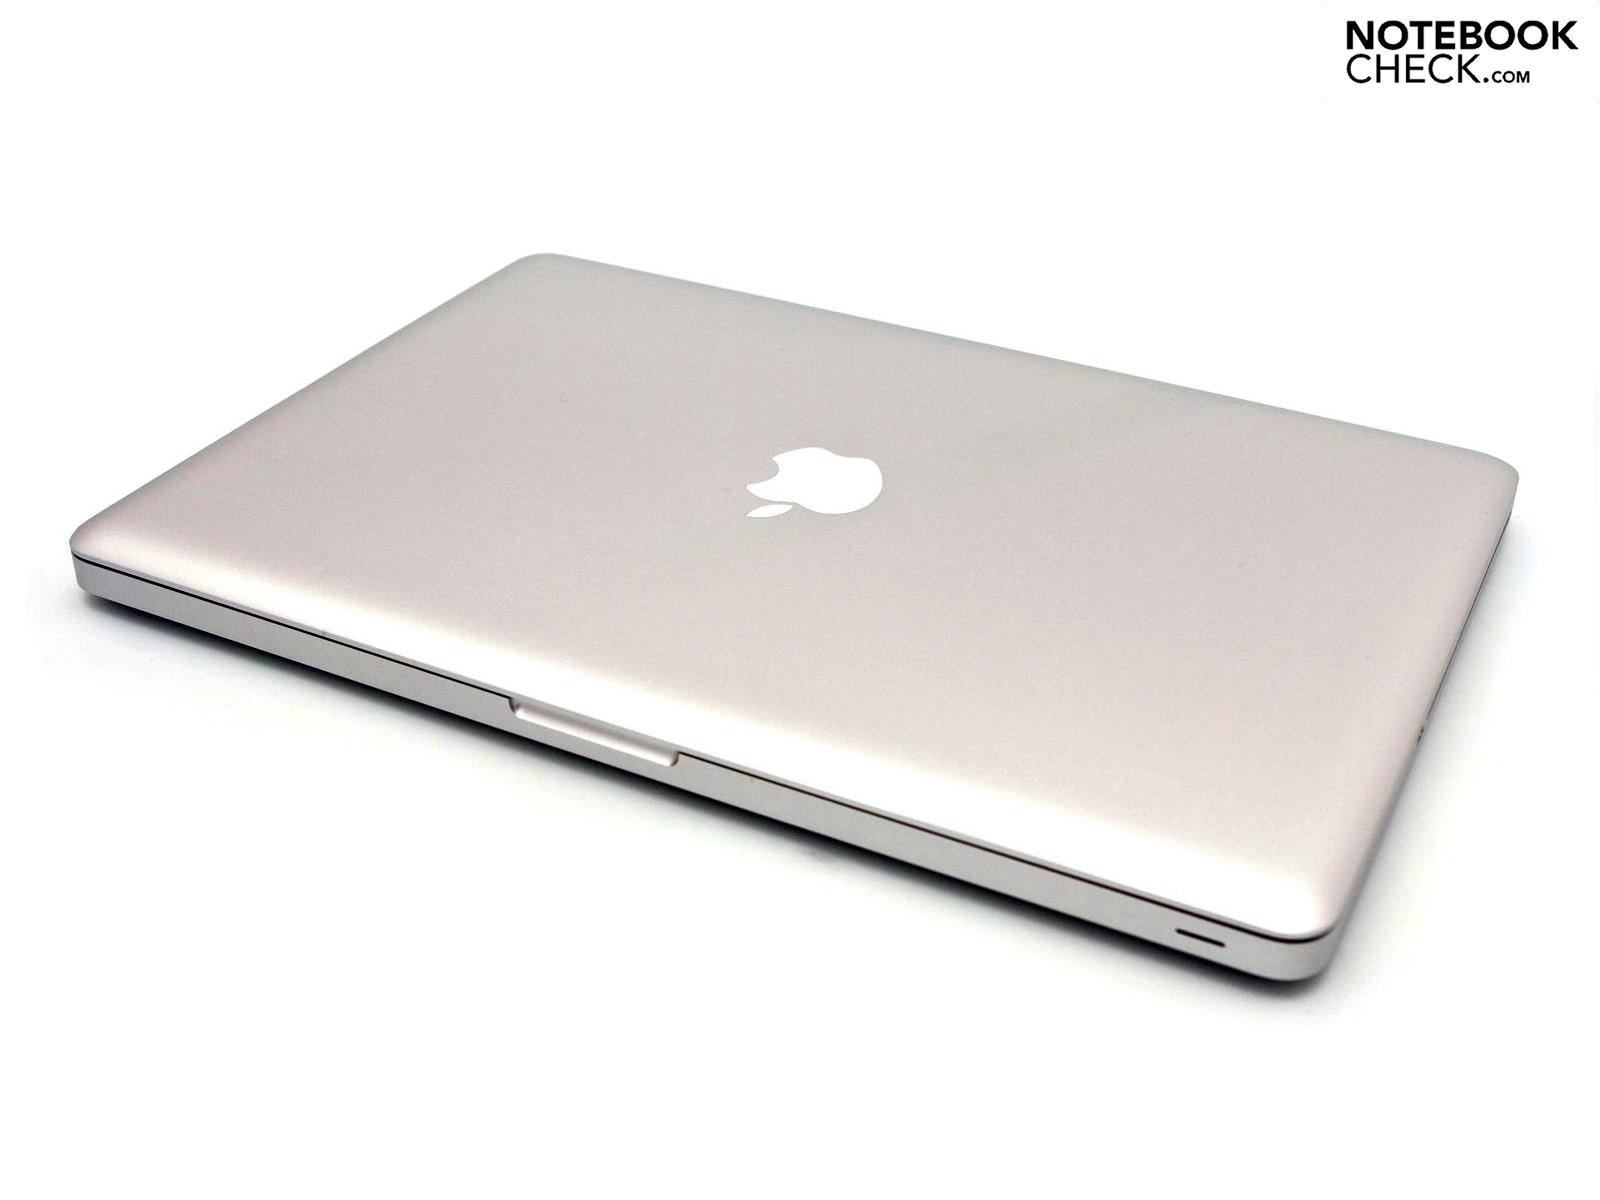 critique du apple macbook pro 15 d but 2011 2 2 ghz quad. Black Bedroom Furniture Sets. Home Design Ideas